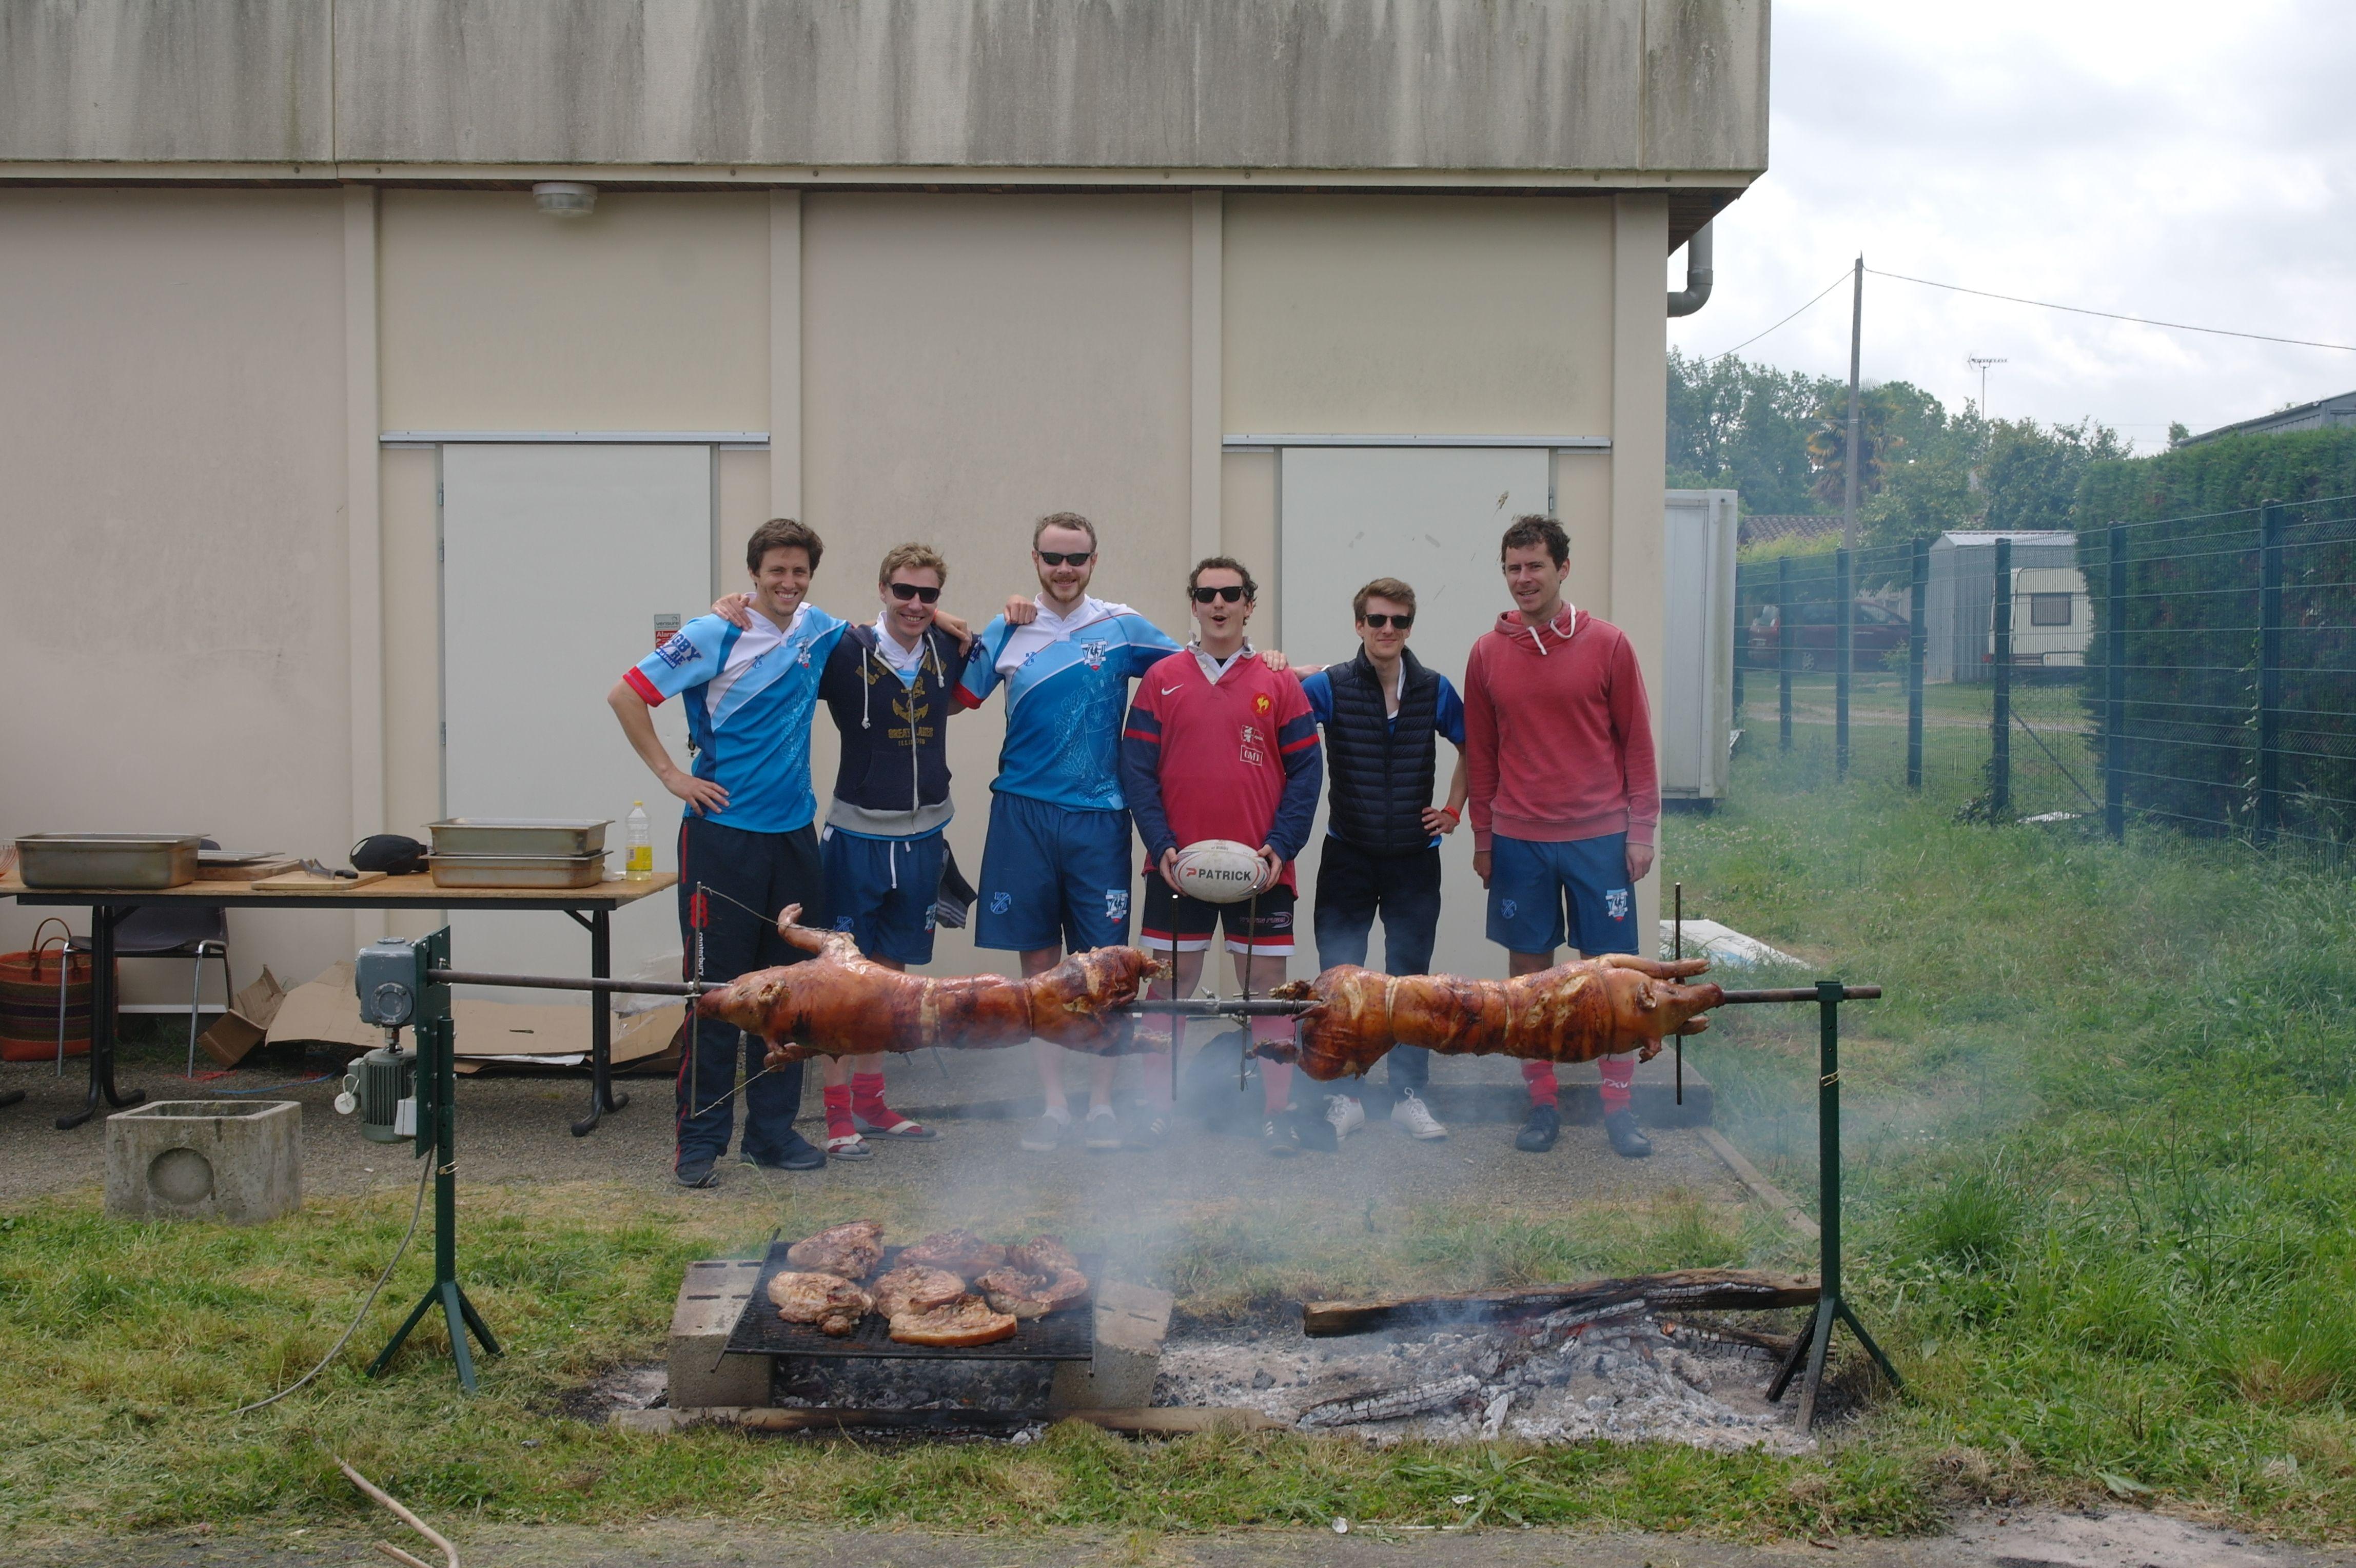 Pause déjeuner bien méritée, l'équipe pose devant les cochons